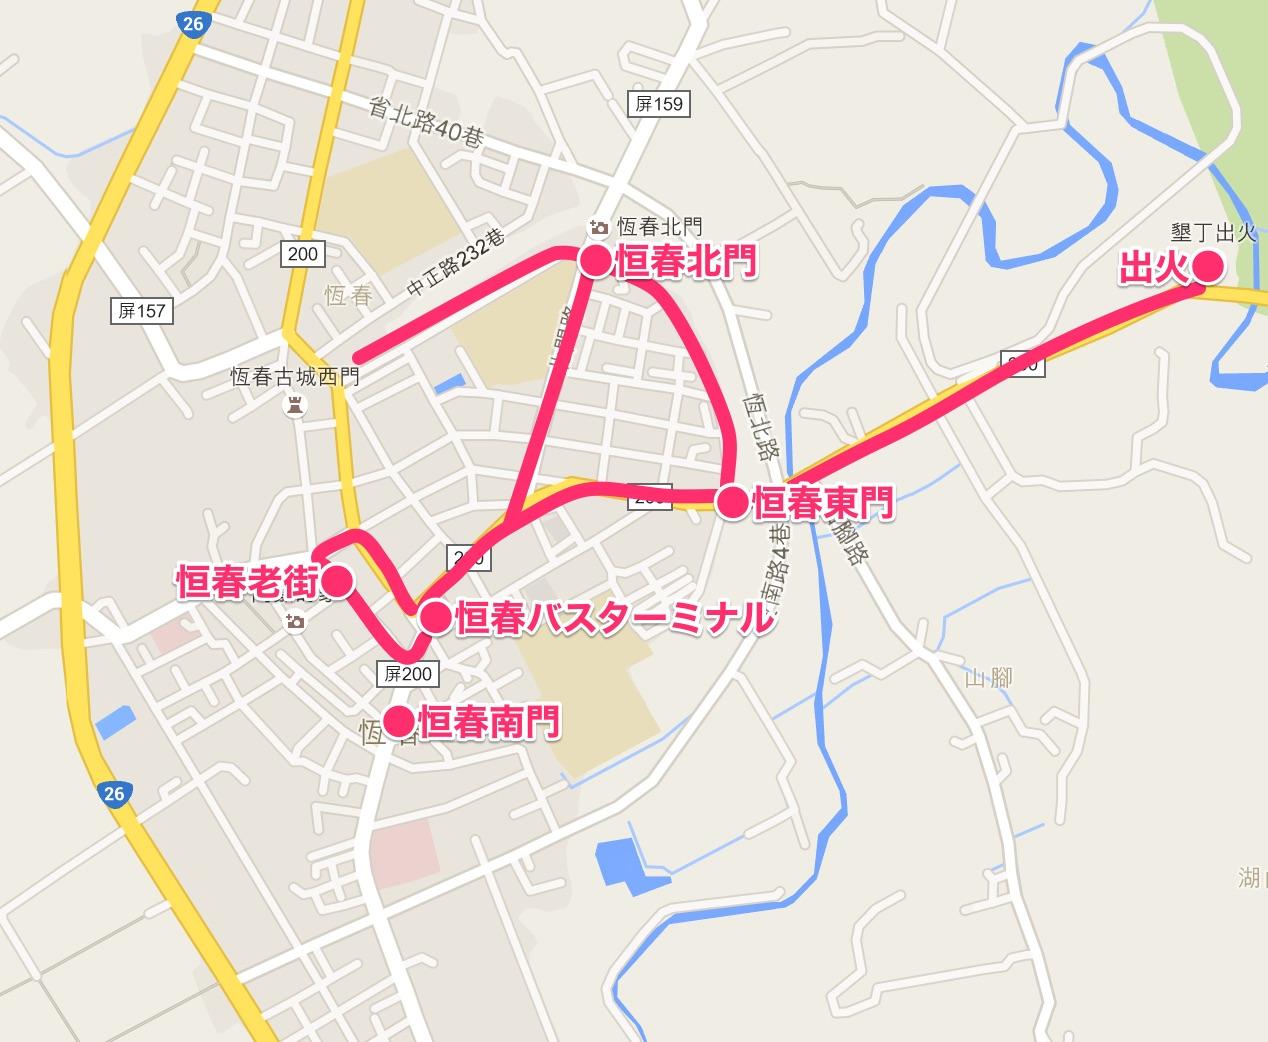 台湾マップ(恒春)